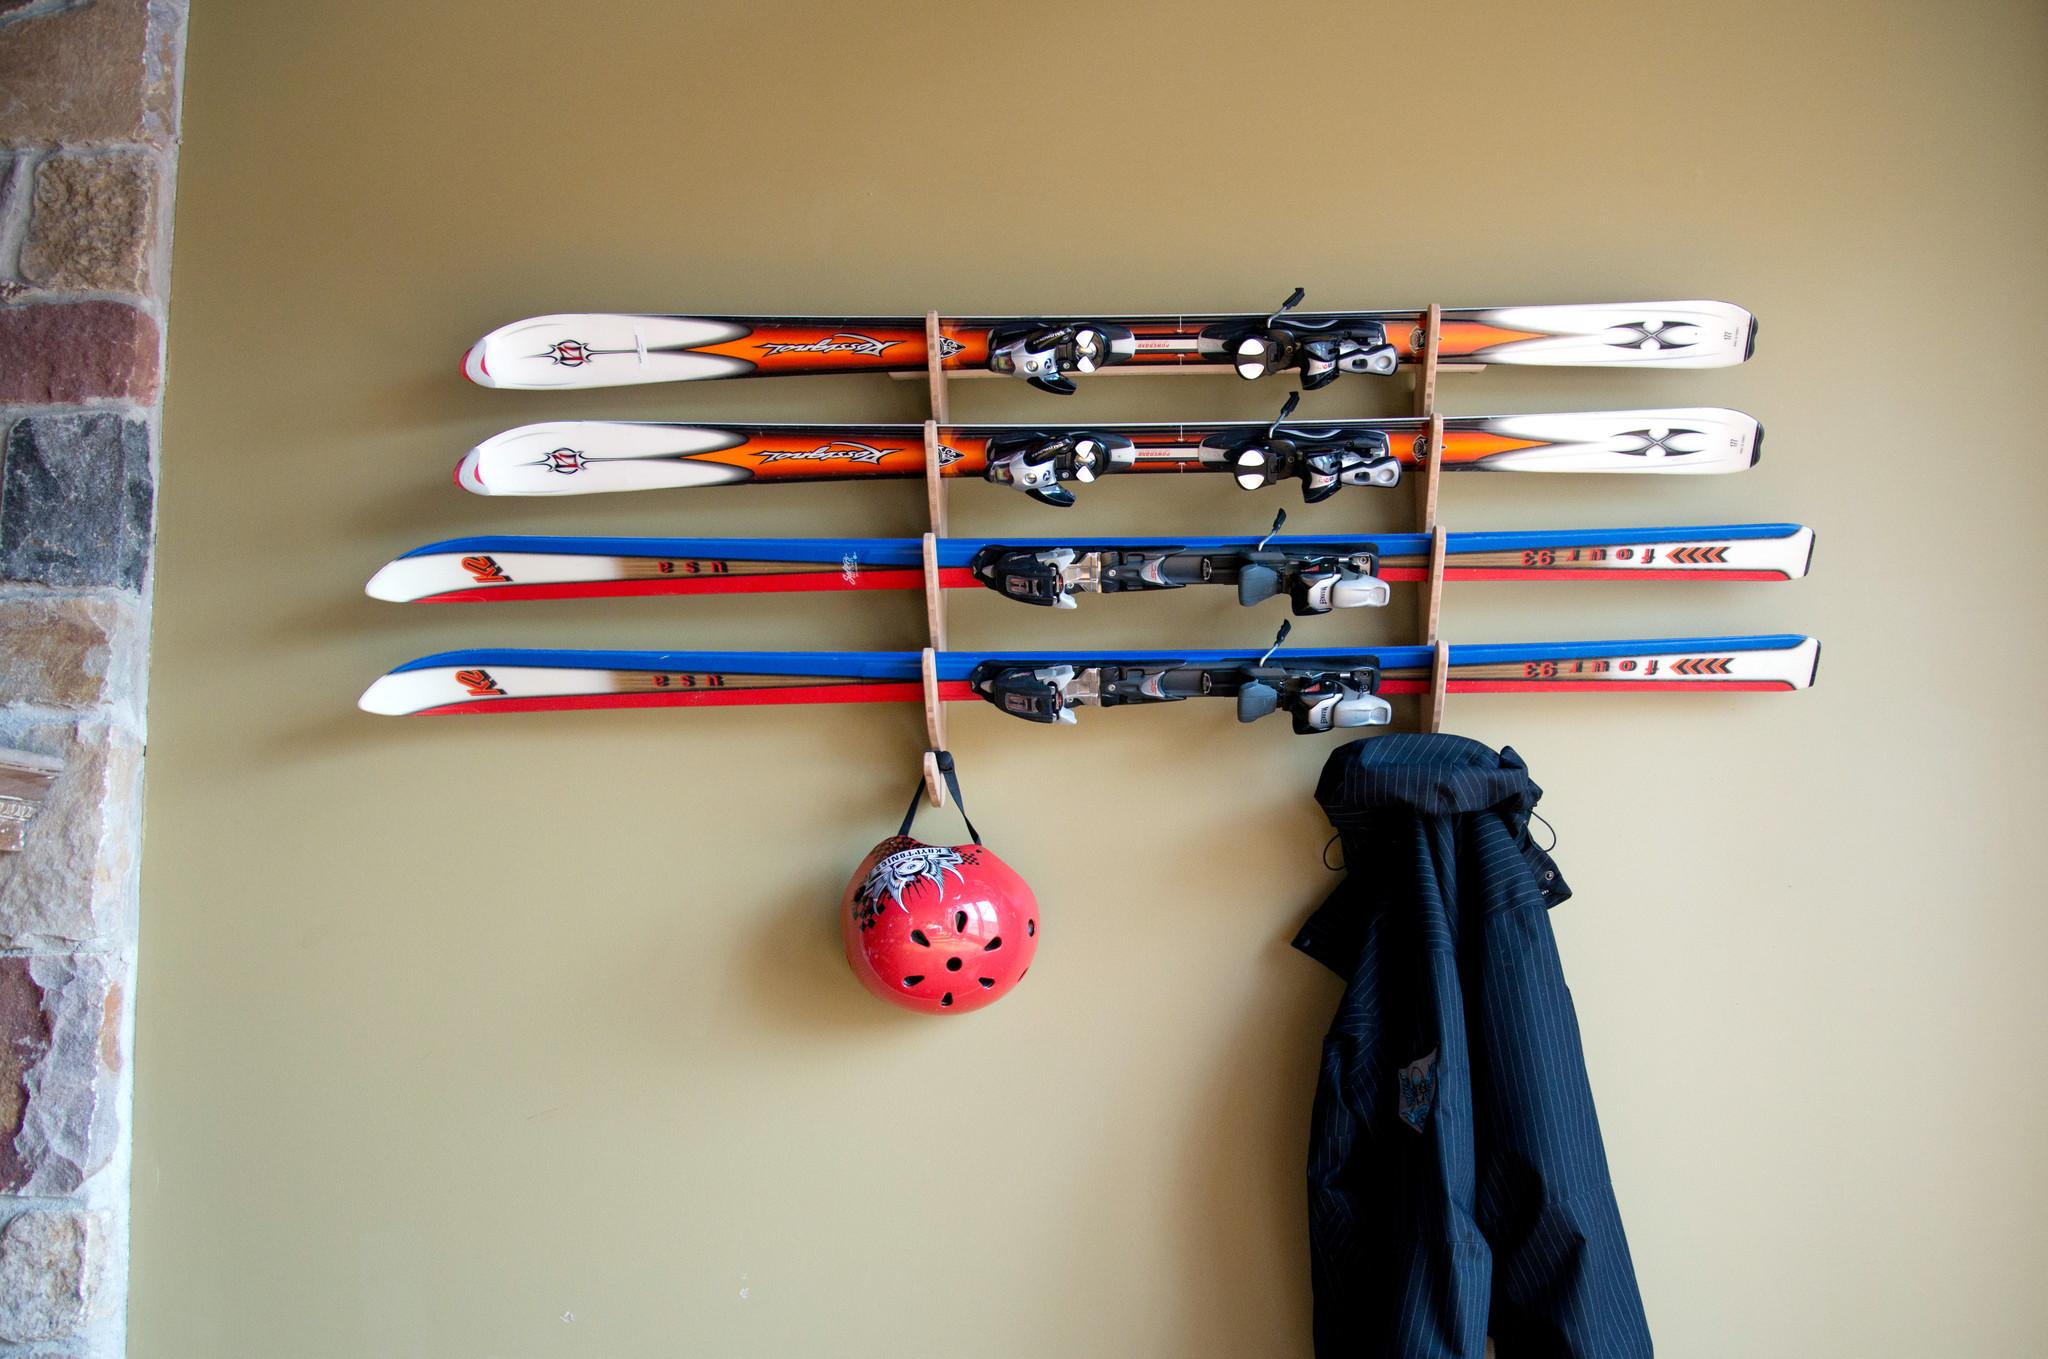 Деревянные кронштейны для хранения лыж